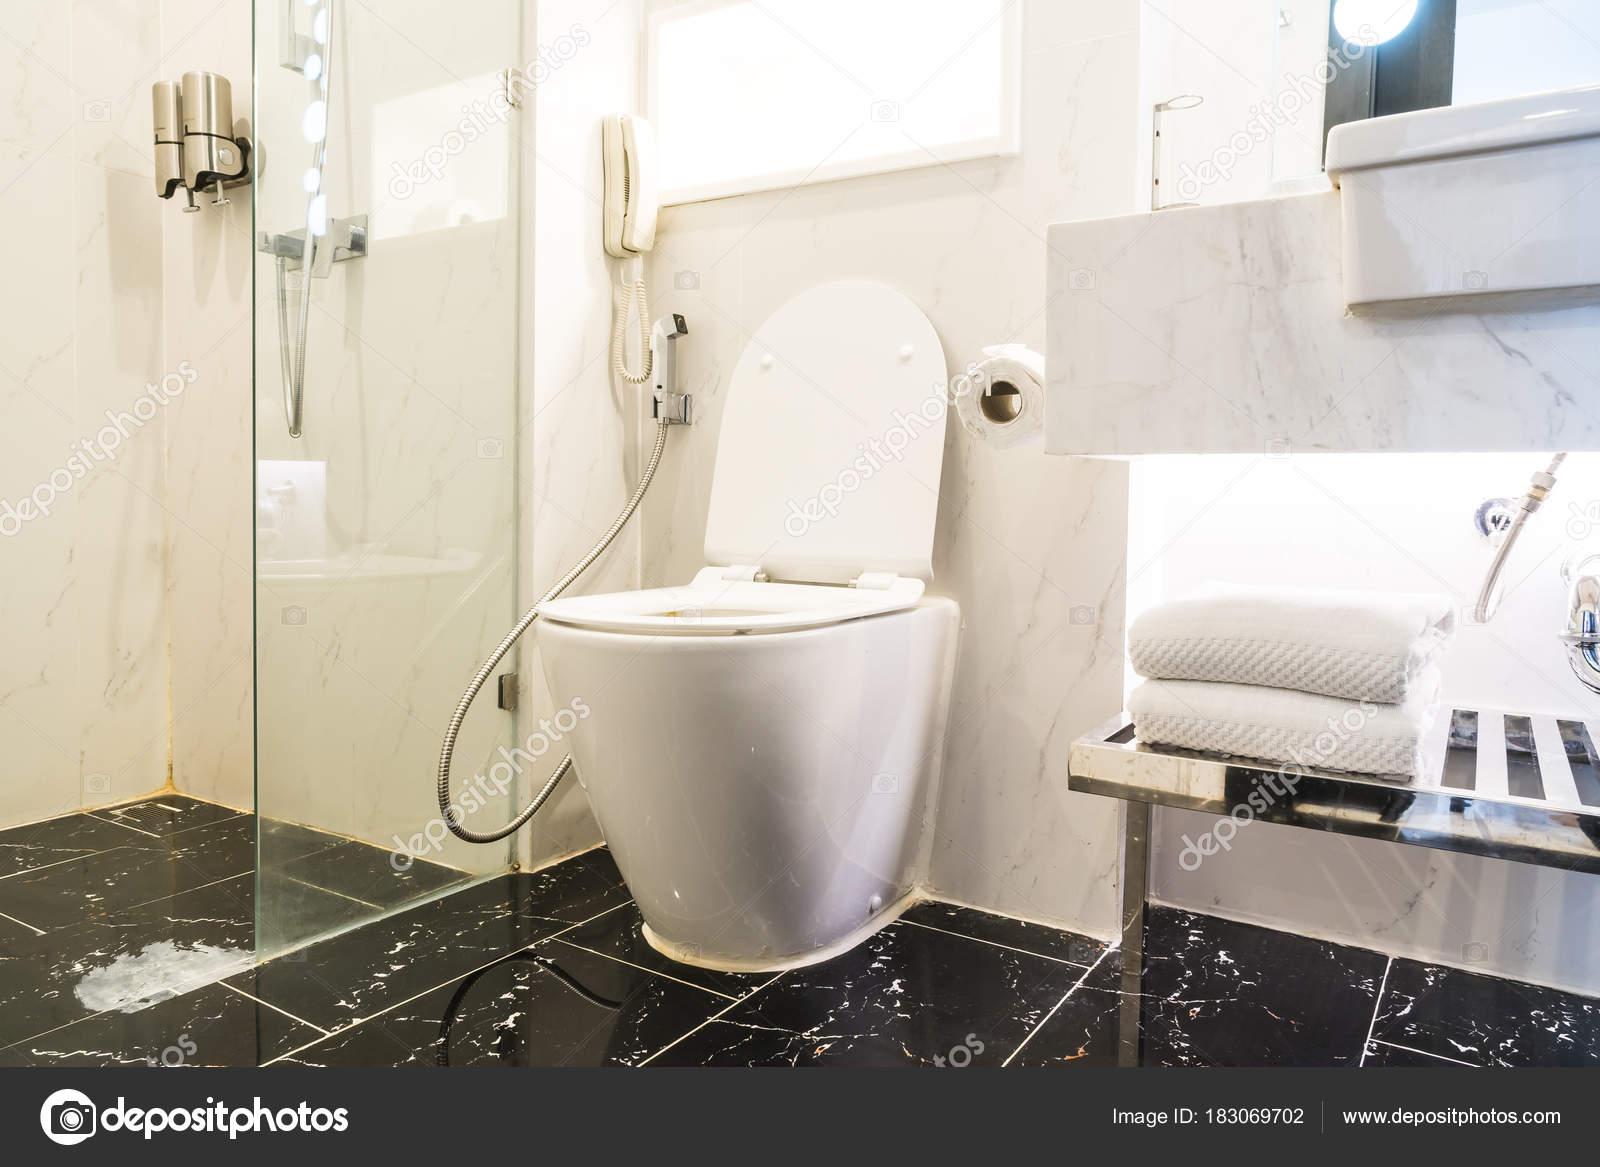 Biały Miska Siedziska Ozdoba Wnętrza łazienki Zdjęcie